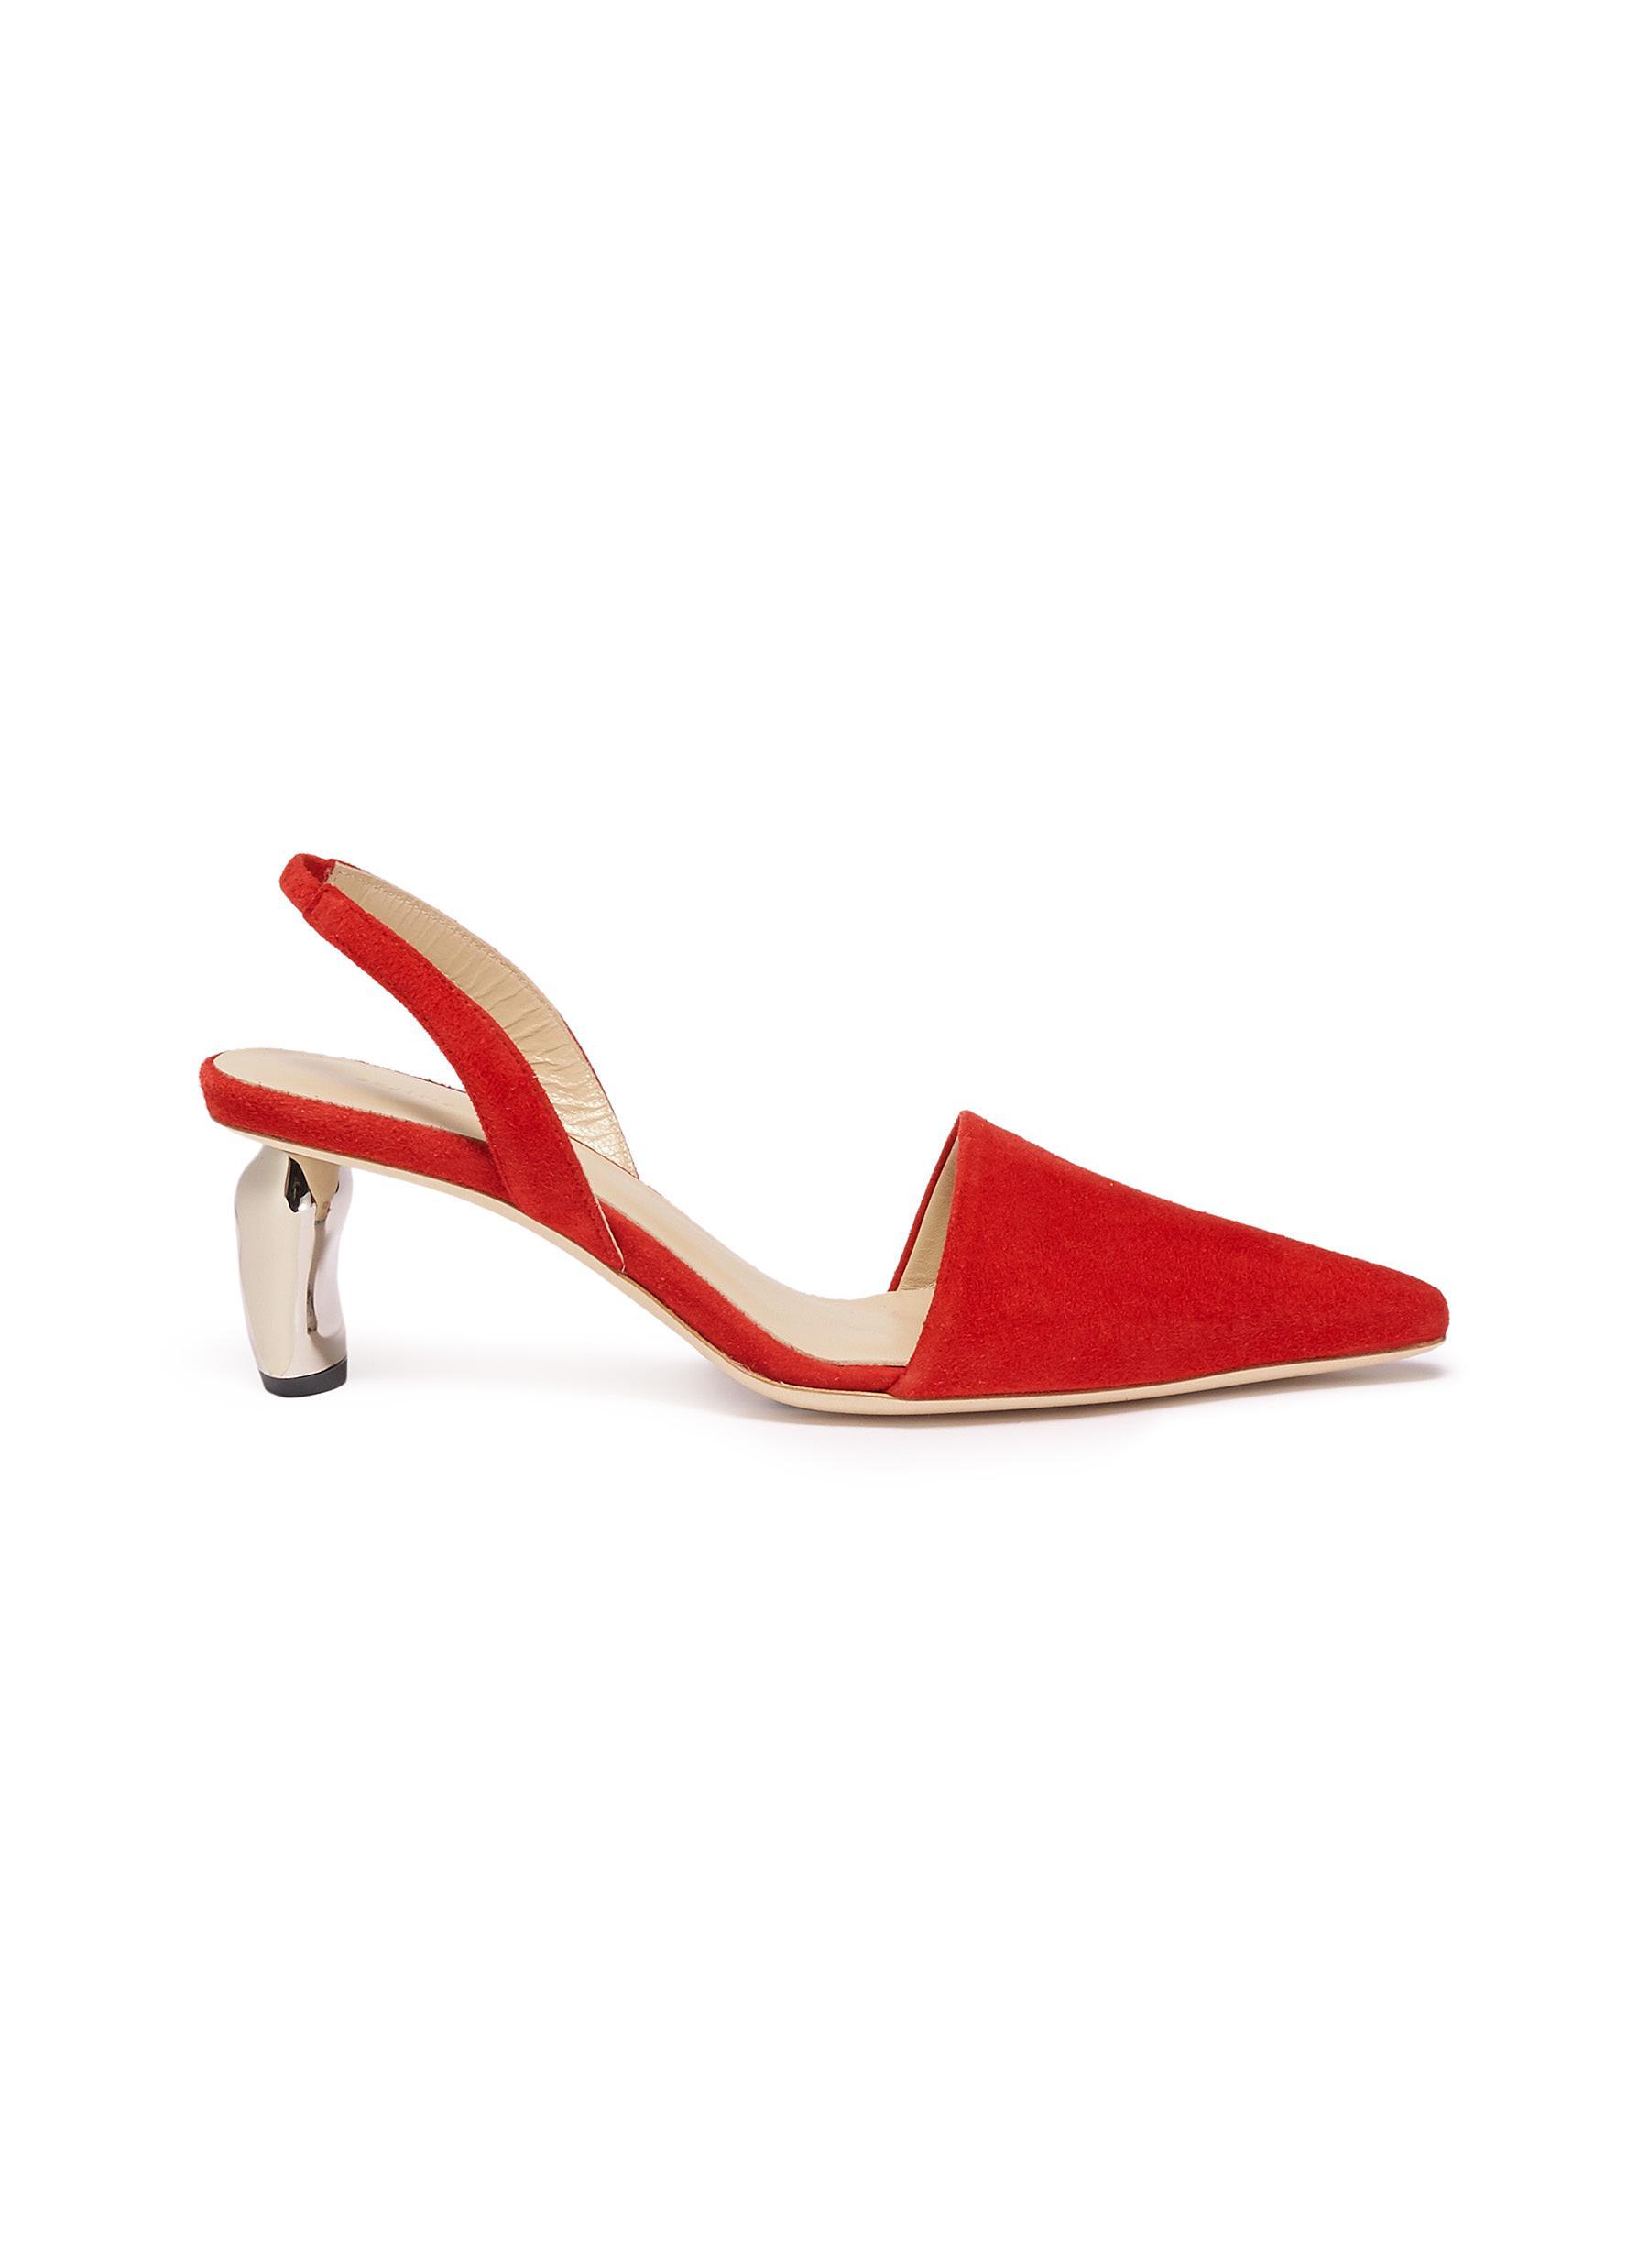 Conie sculptural heel suede slingback pumps by Rejina Pyo